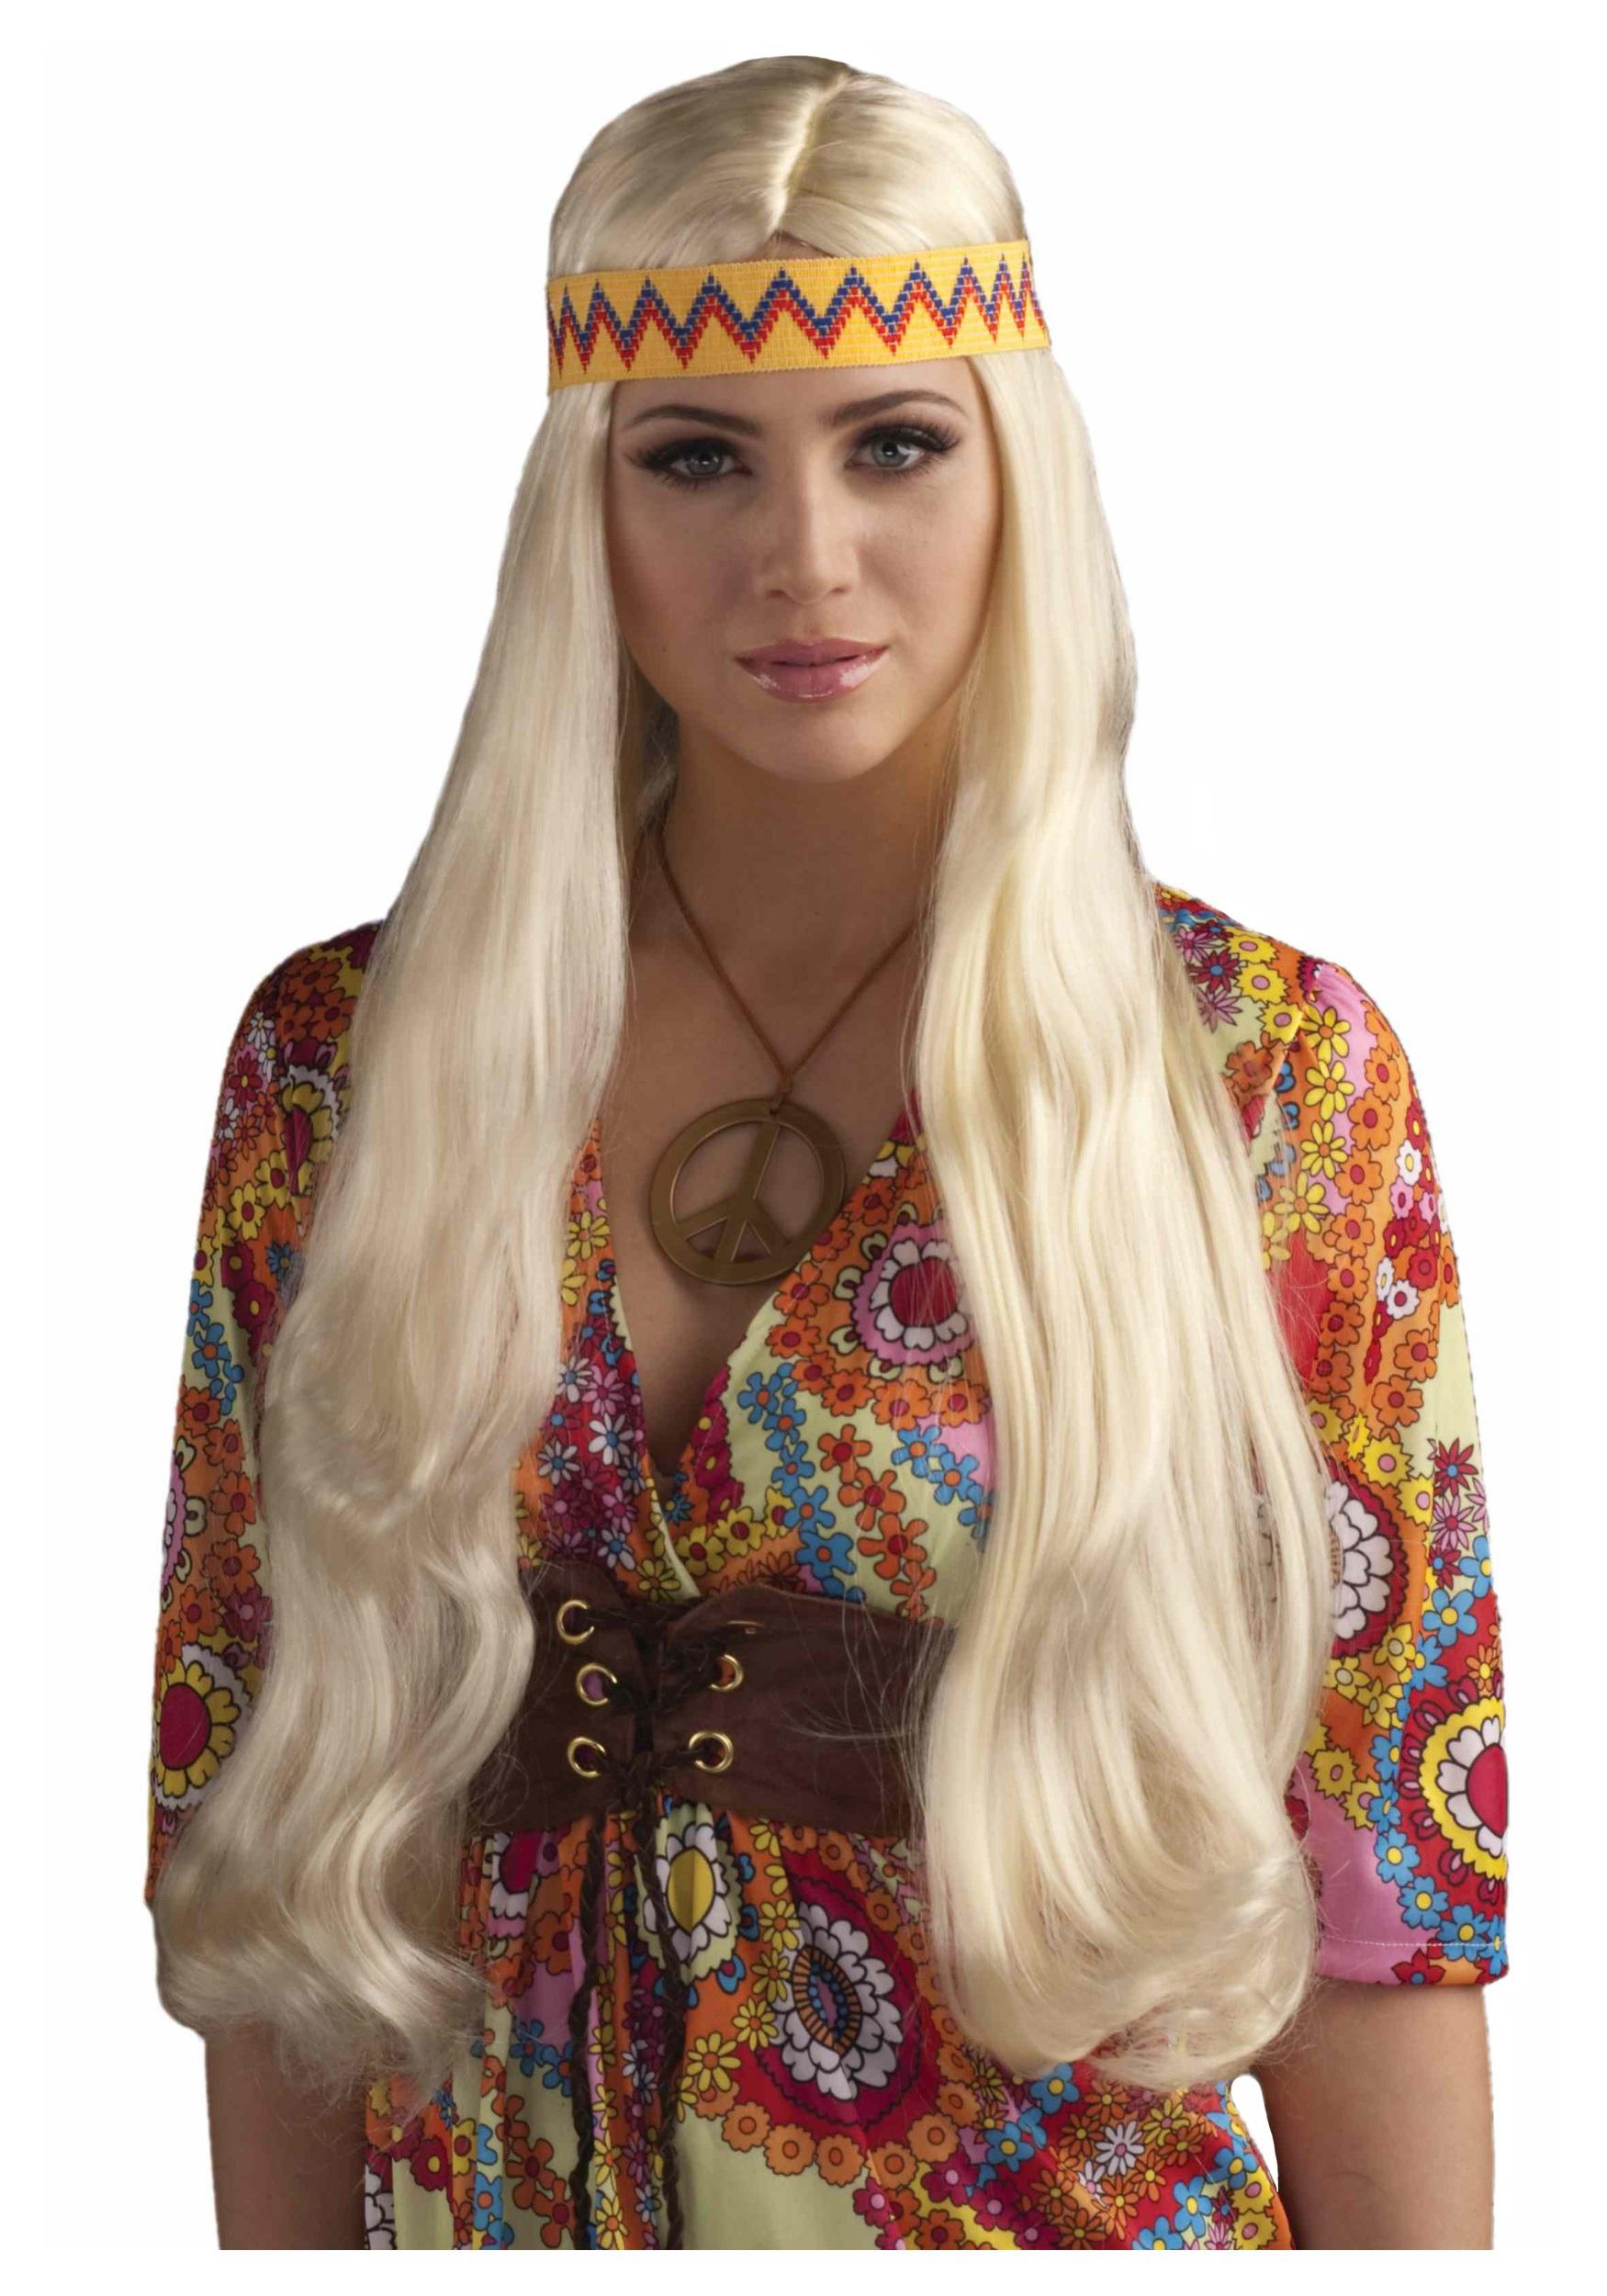 Blonde Hippie Chick Wig W Headband